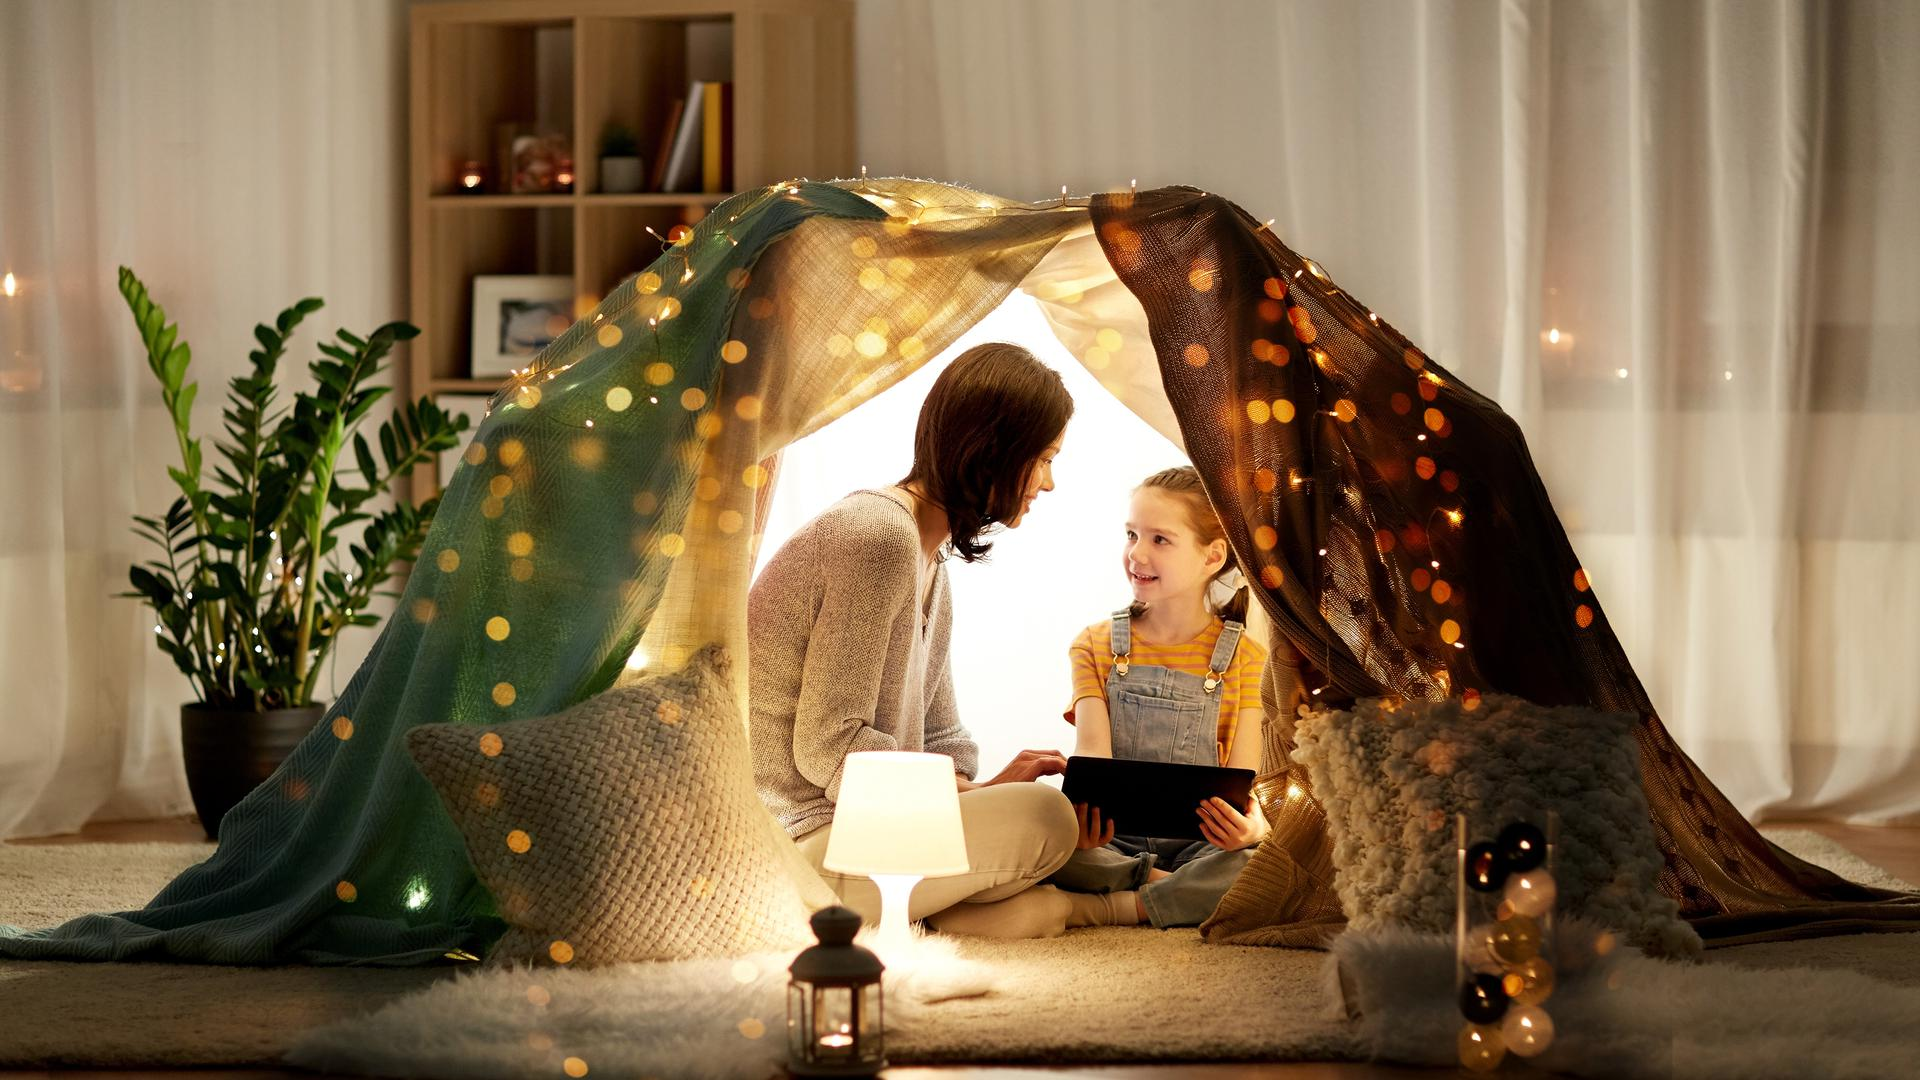 """In Dänemark gehört der """"hyggekrog"""" zu jedem Zuhause dazu: Ein kuscheliger Ort, an dem man es sich mit einer Tasse Tee oder einem guten Buch so richtig gemütlich haben kann. Das kann man auch mal temporär schaffen: mit einem selbstgebauten Zelt."""